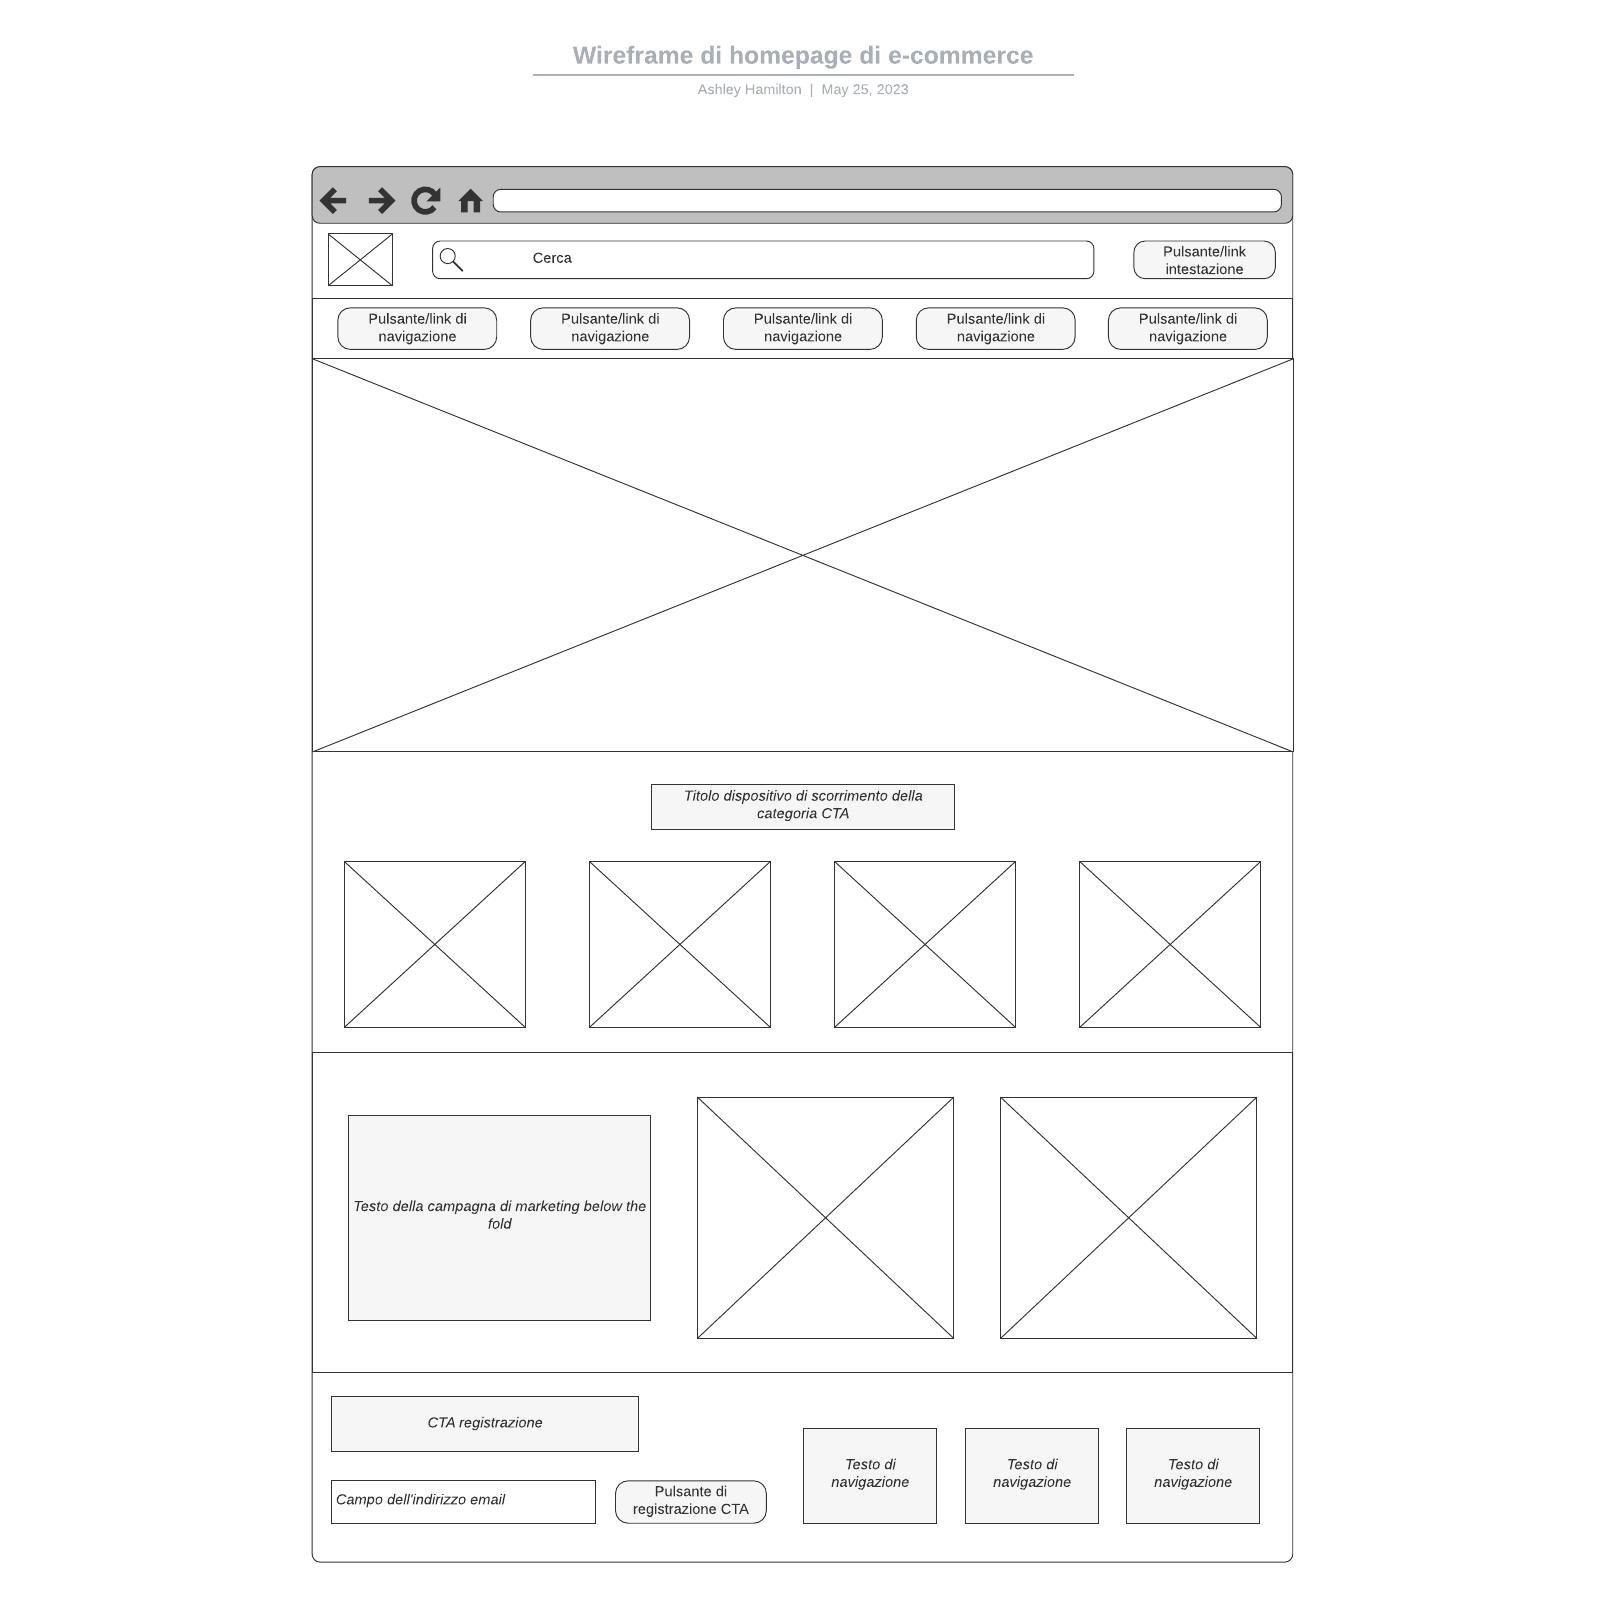 Wireframe di homepage di e-commerce